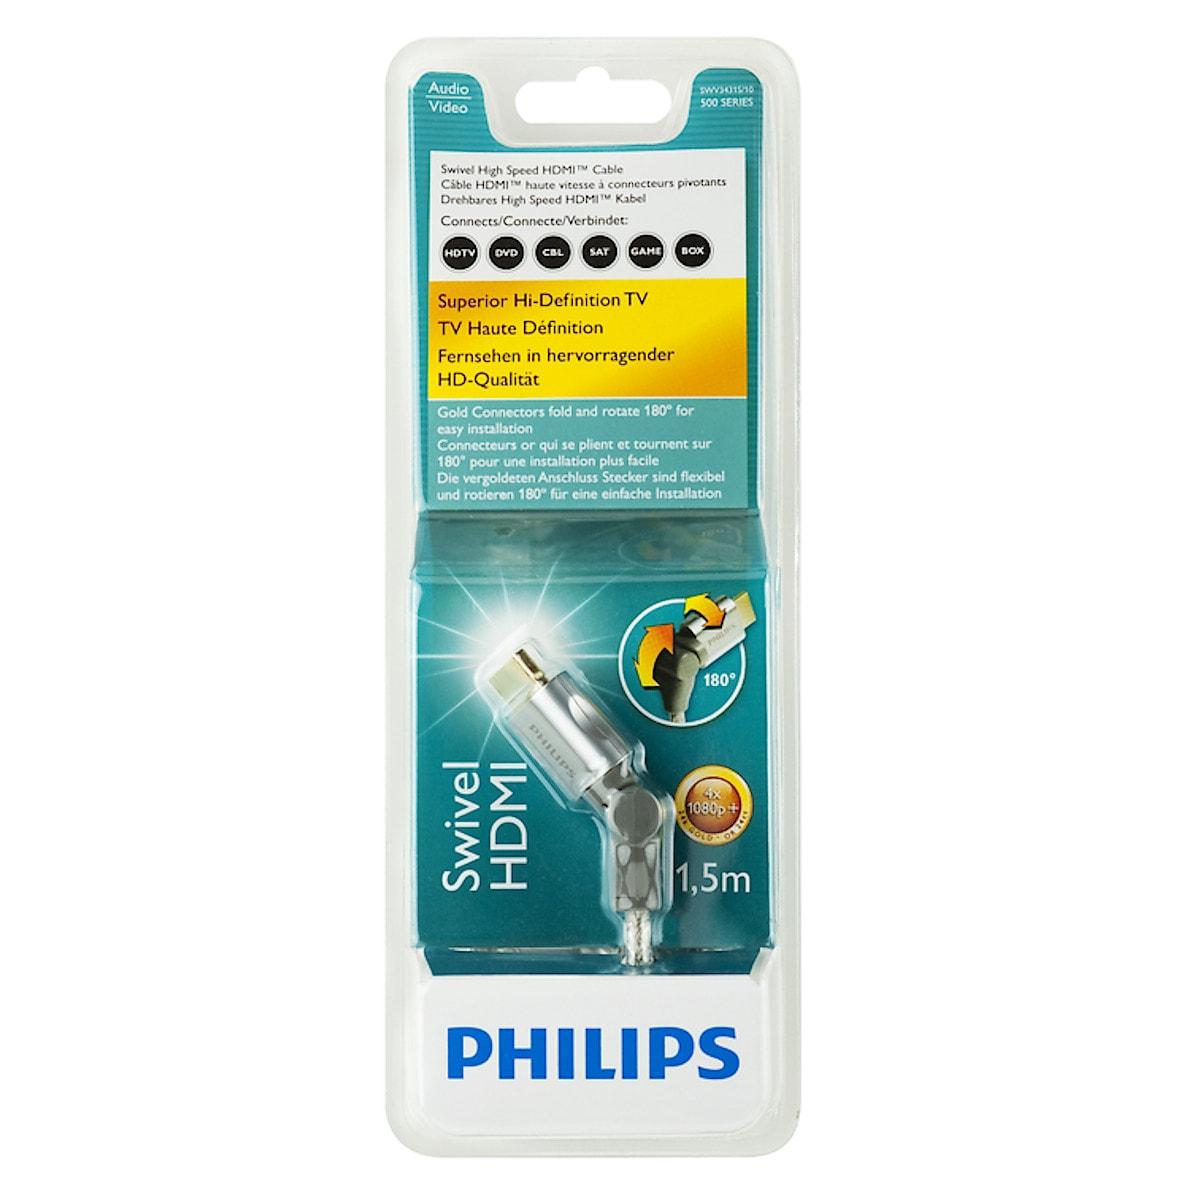 Vinklingsbar HDMI-kabel, Philips